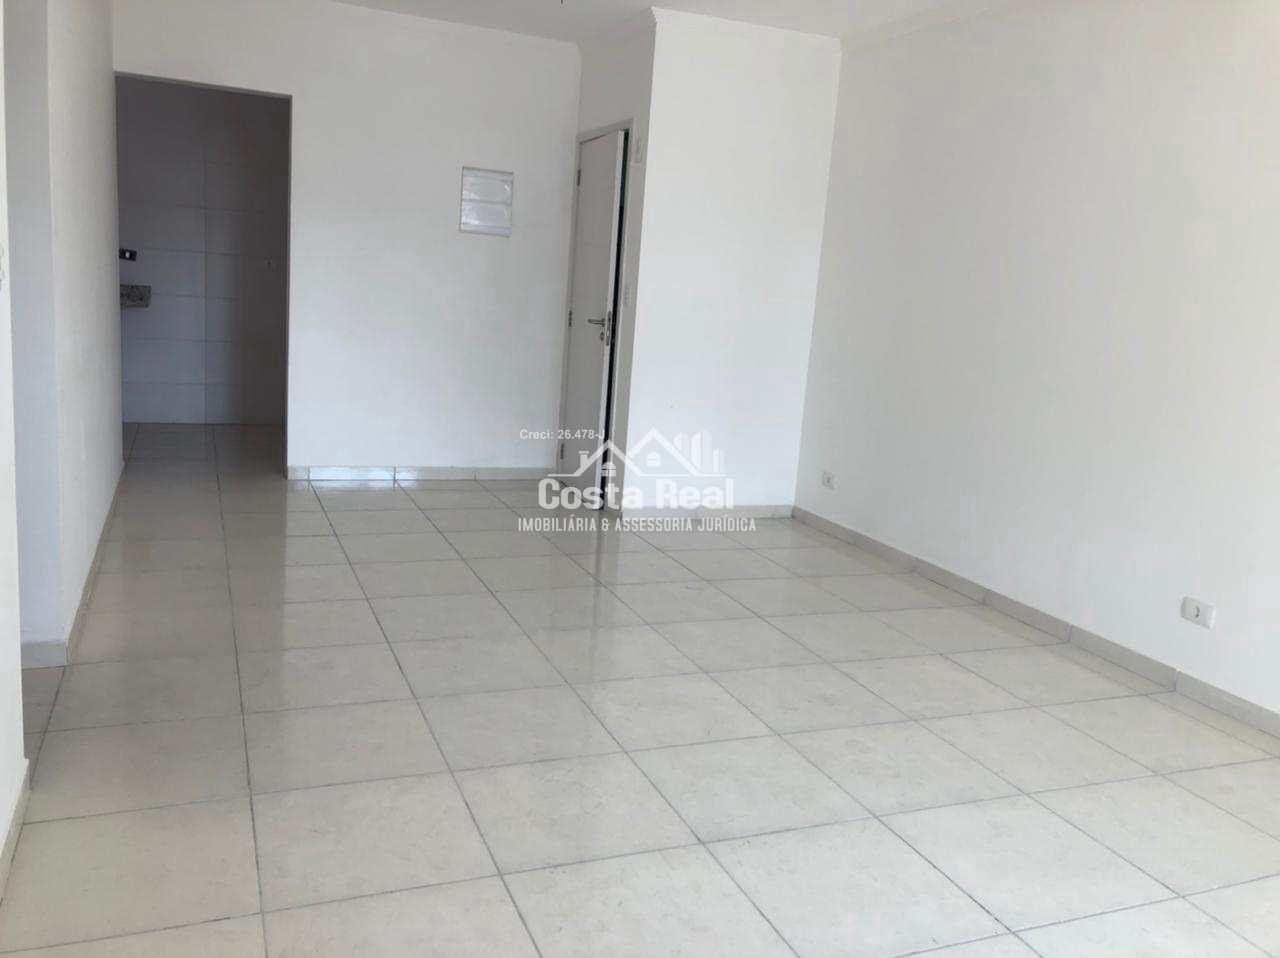 Apartamento com 2 dorms, Tupi, Praia Grande - R$ 335 mil, Cod: 1206